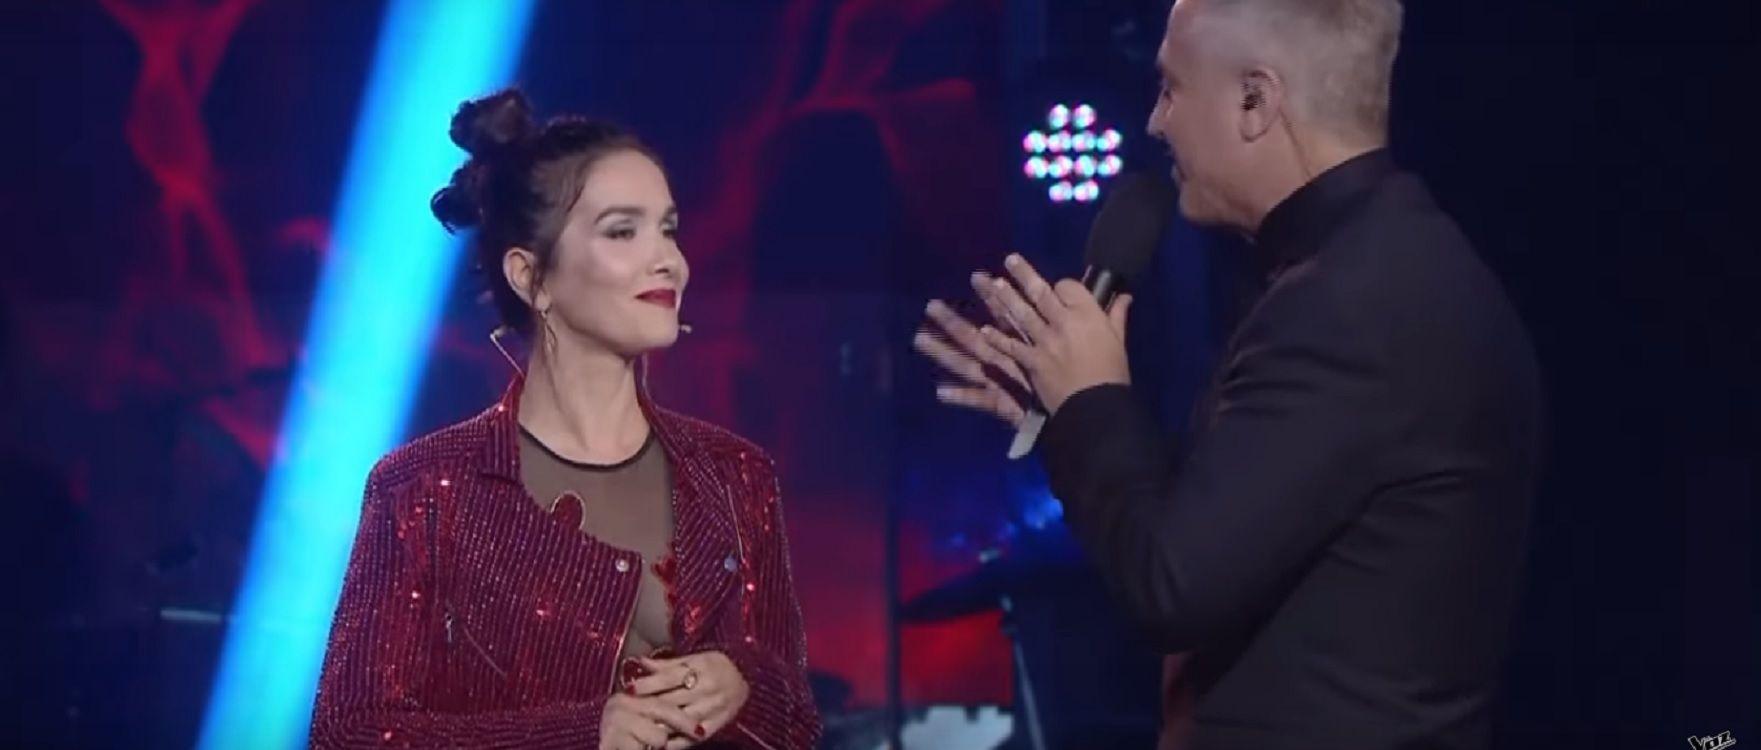 VIDEO: así fue la participación de Natalia Oreiro en La Voz Argentina